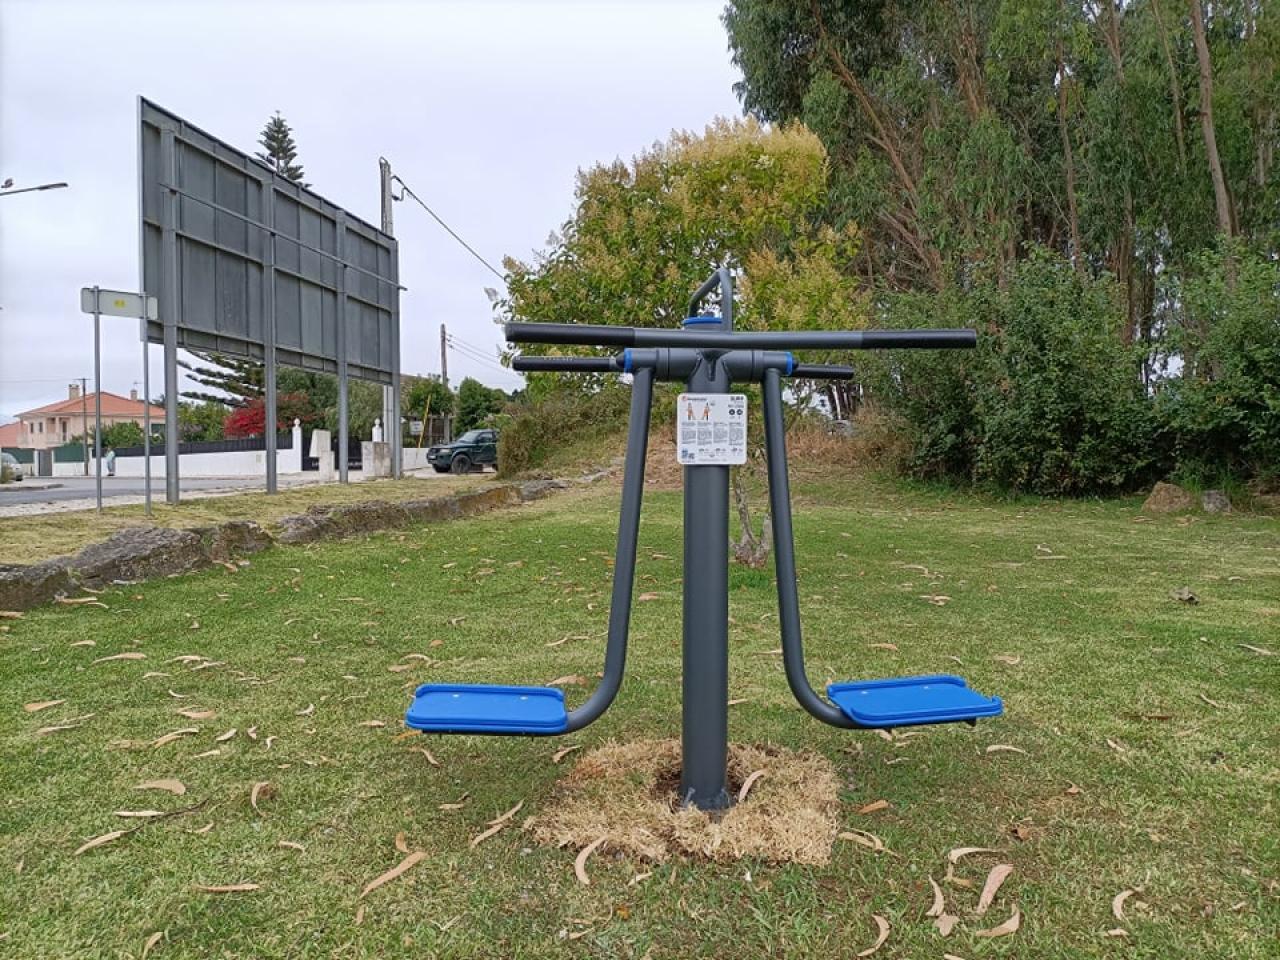 Parque de fitness ao ar livre - Jardim da Rua Marquês de Pombal